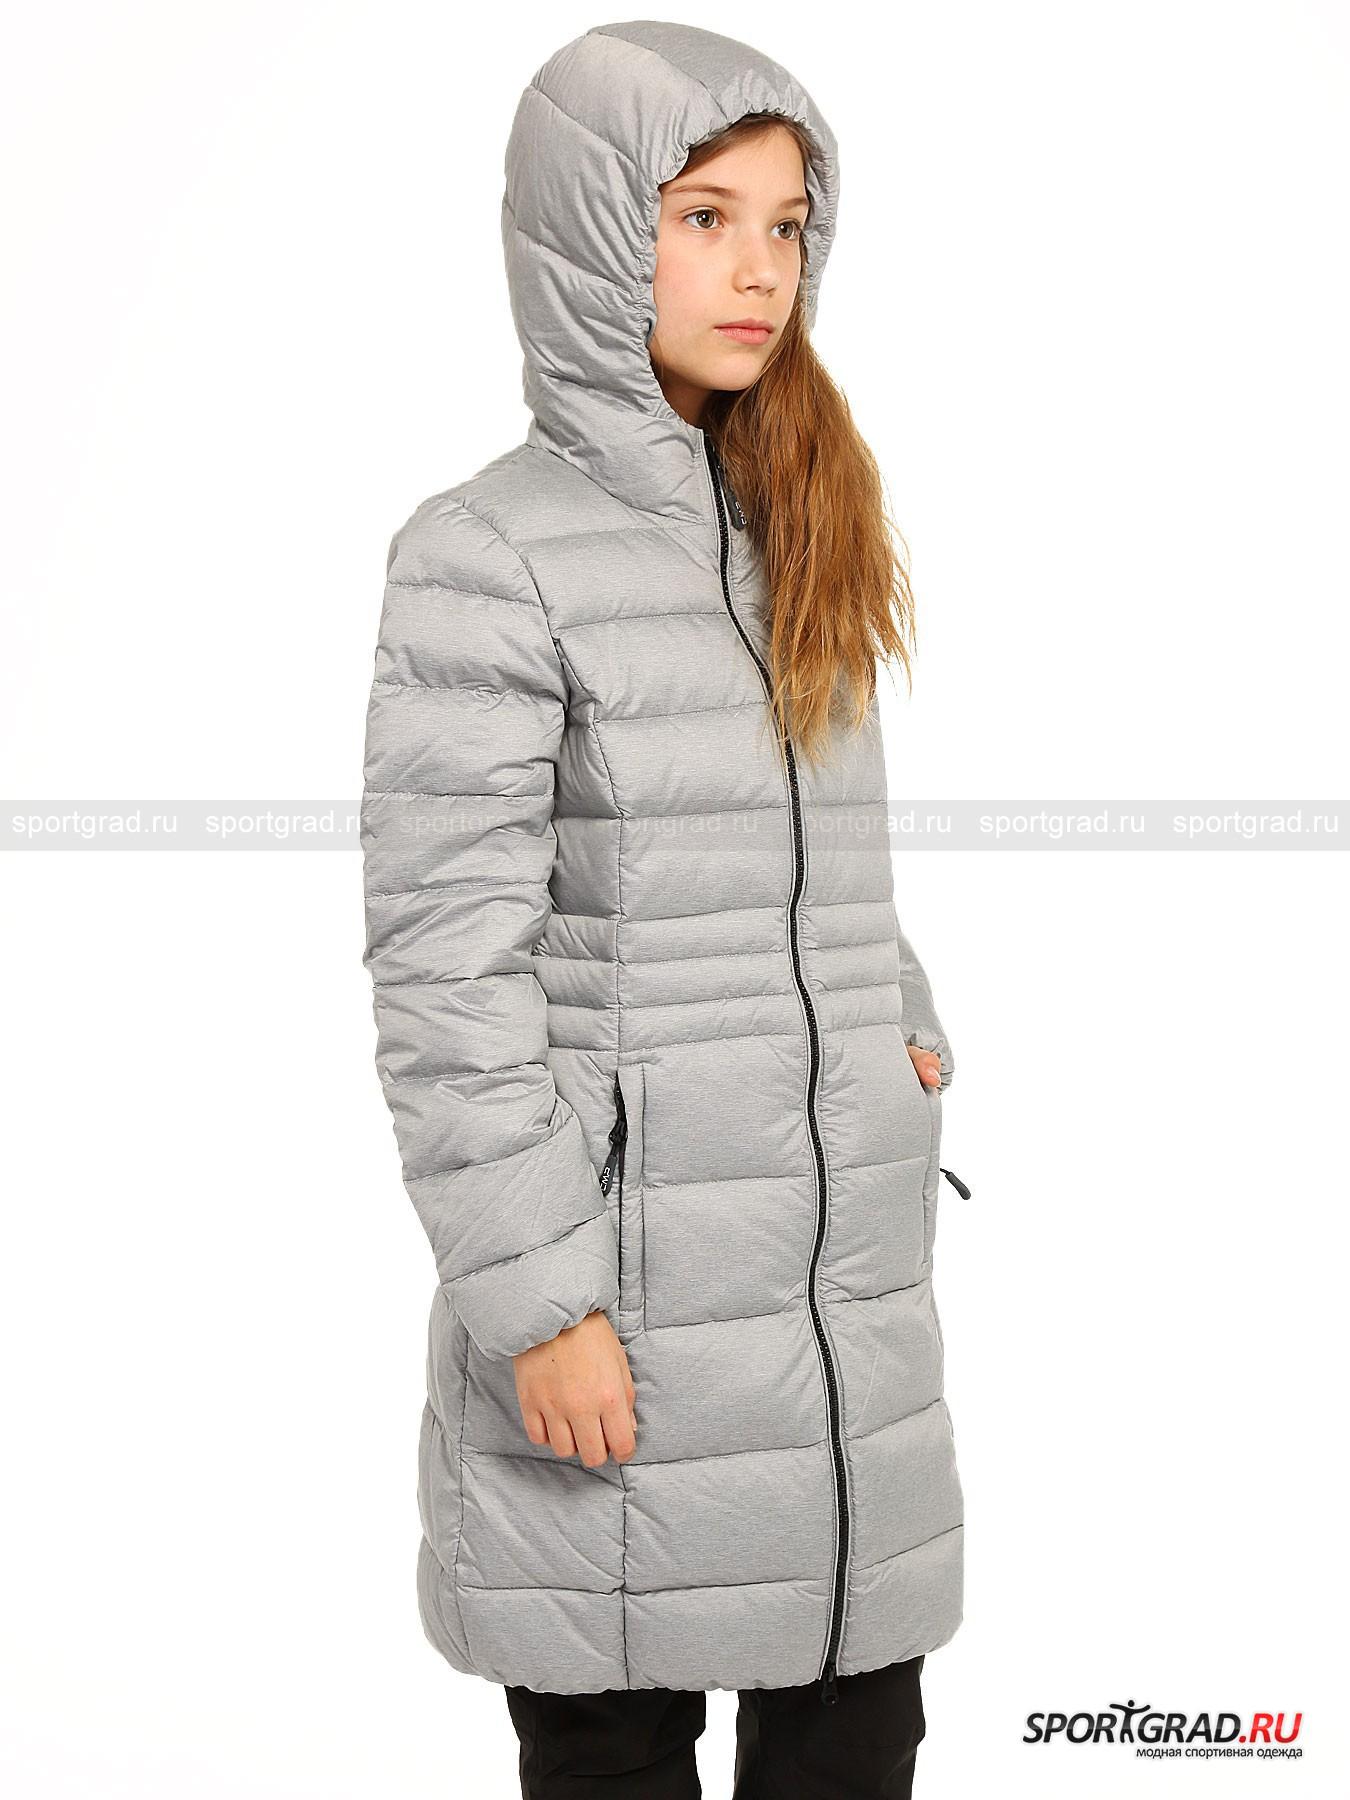 Пальто стёганое пуховое для девочек CAMPAGNOLO от Спортград